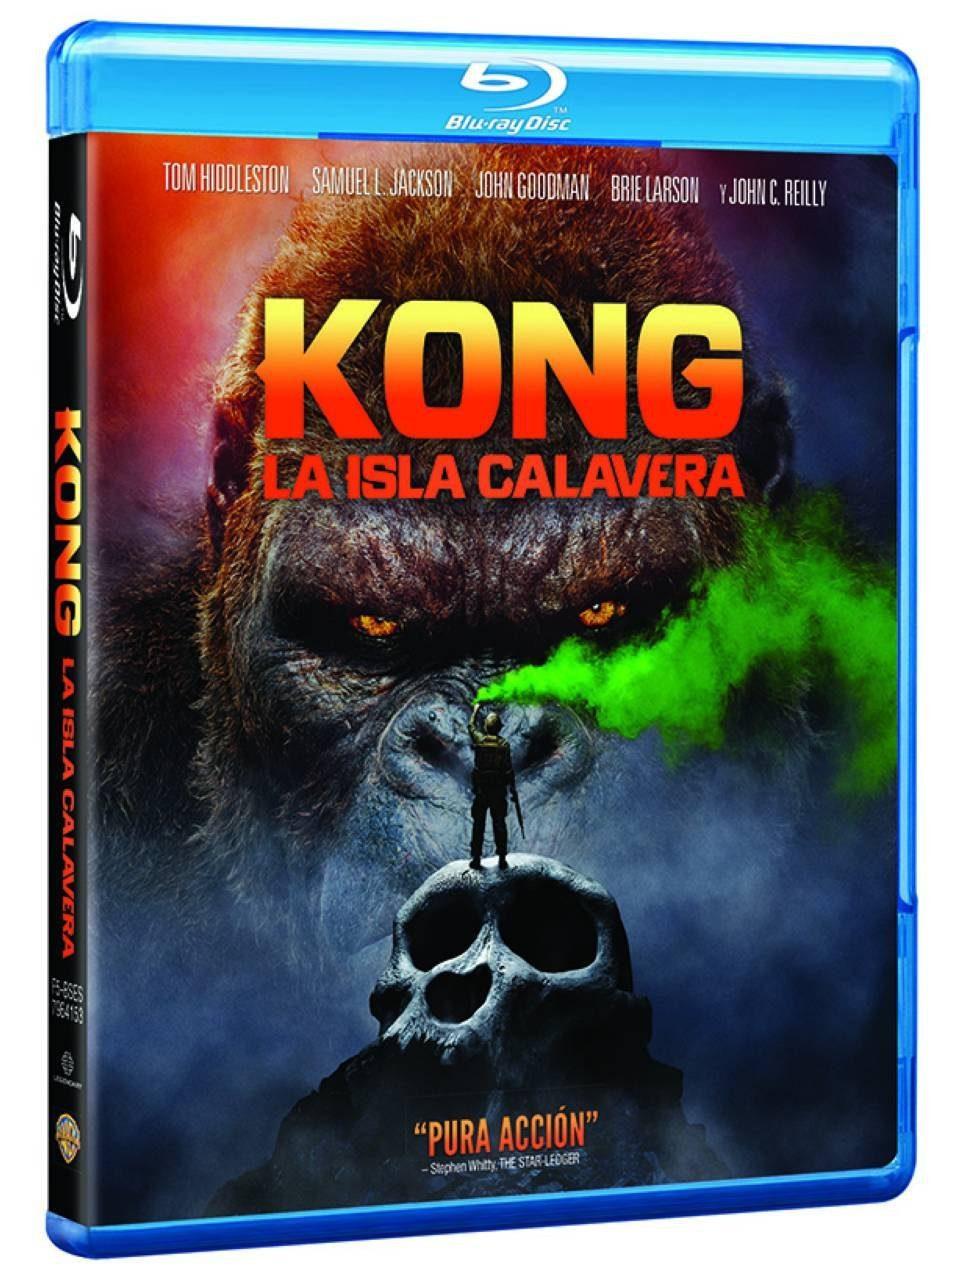 [FINALIZADO] ¡Concurso! Gana una copia de 'Kong: La Isla Calavera' en Blu-ray • En tu pantalla